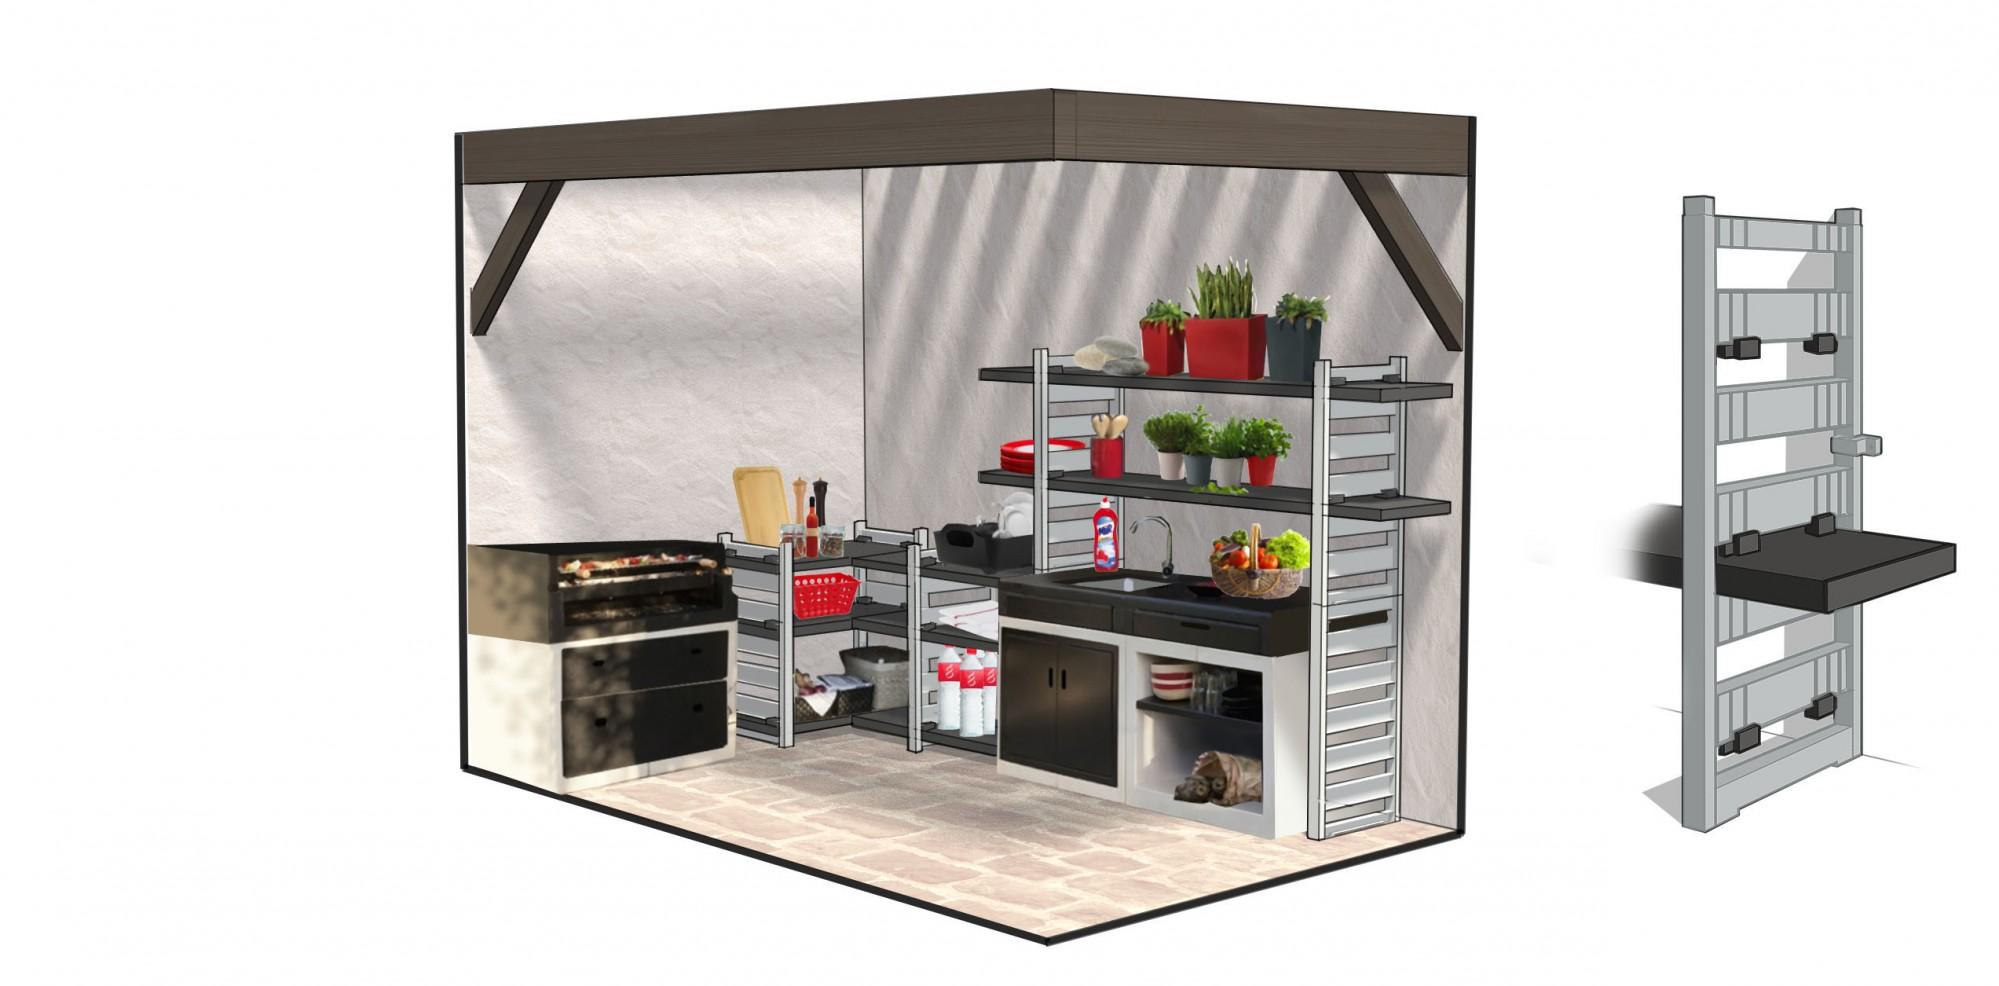 etag res de rangement modulup grosfillex vitrolles vente pose et r novation de portes d. Black Bedroom Furniture Sets. Home Design Ideas